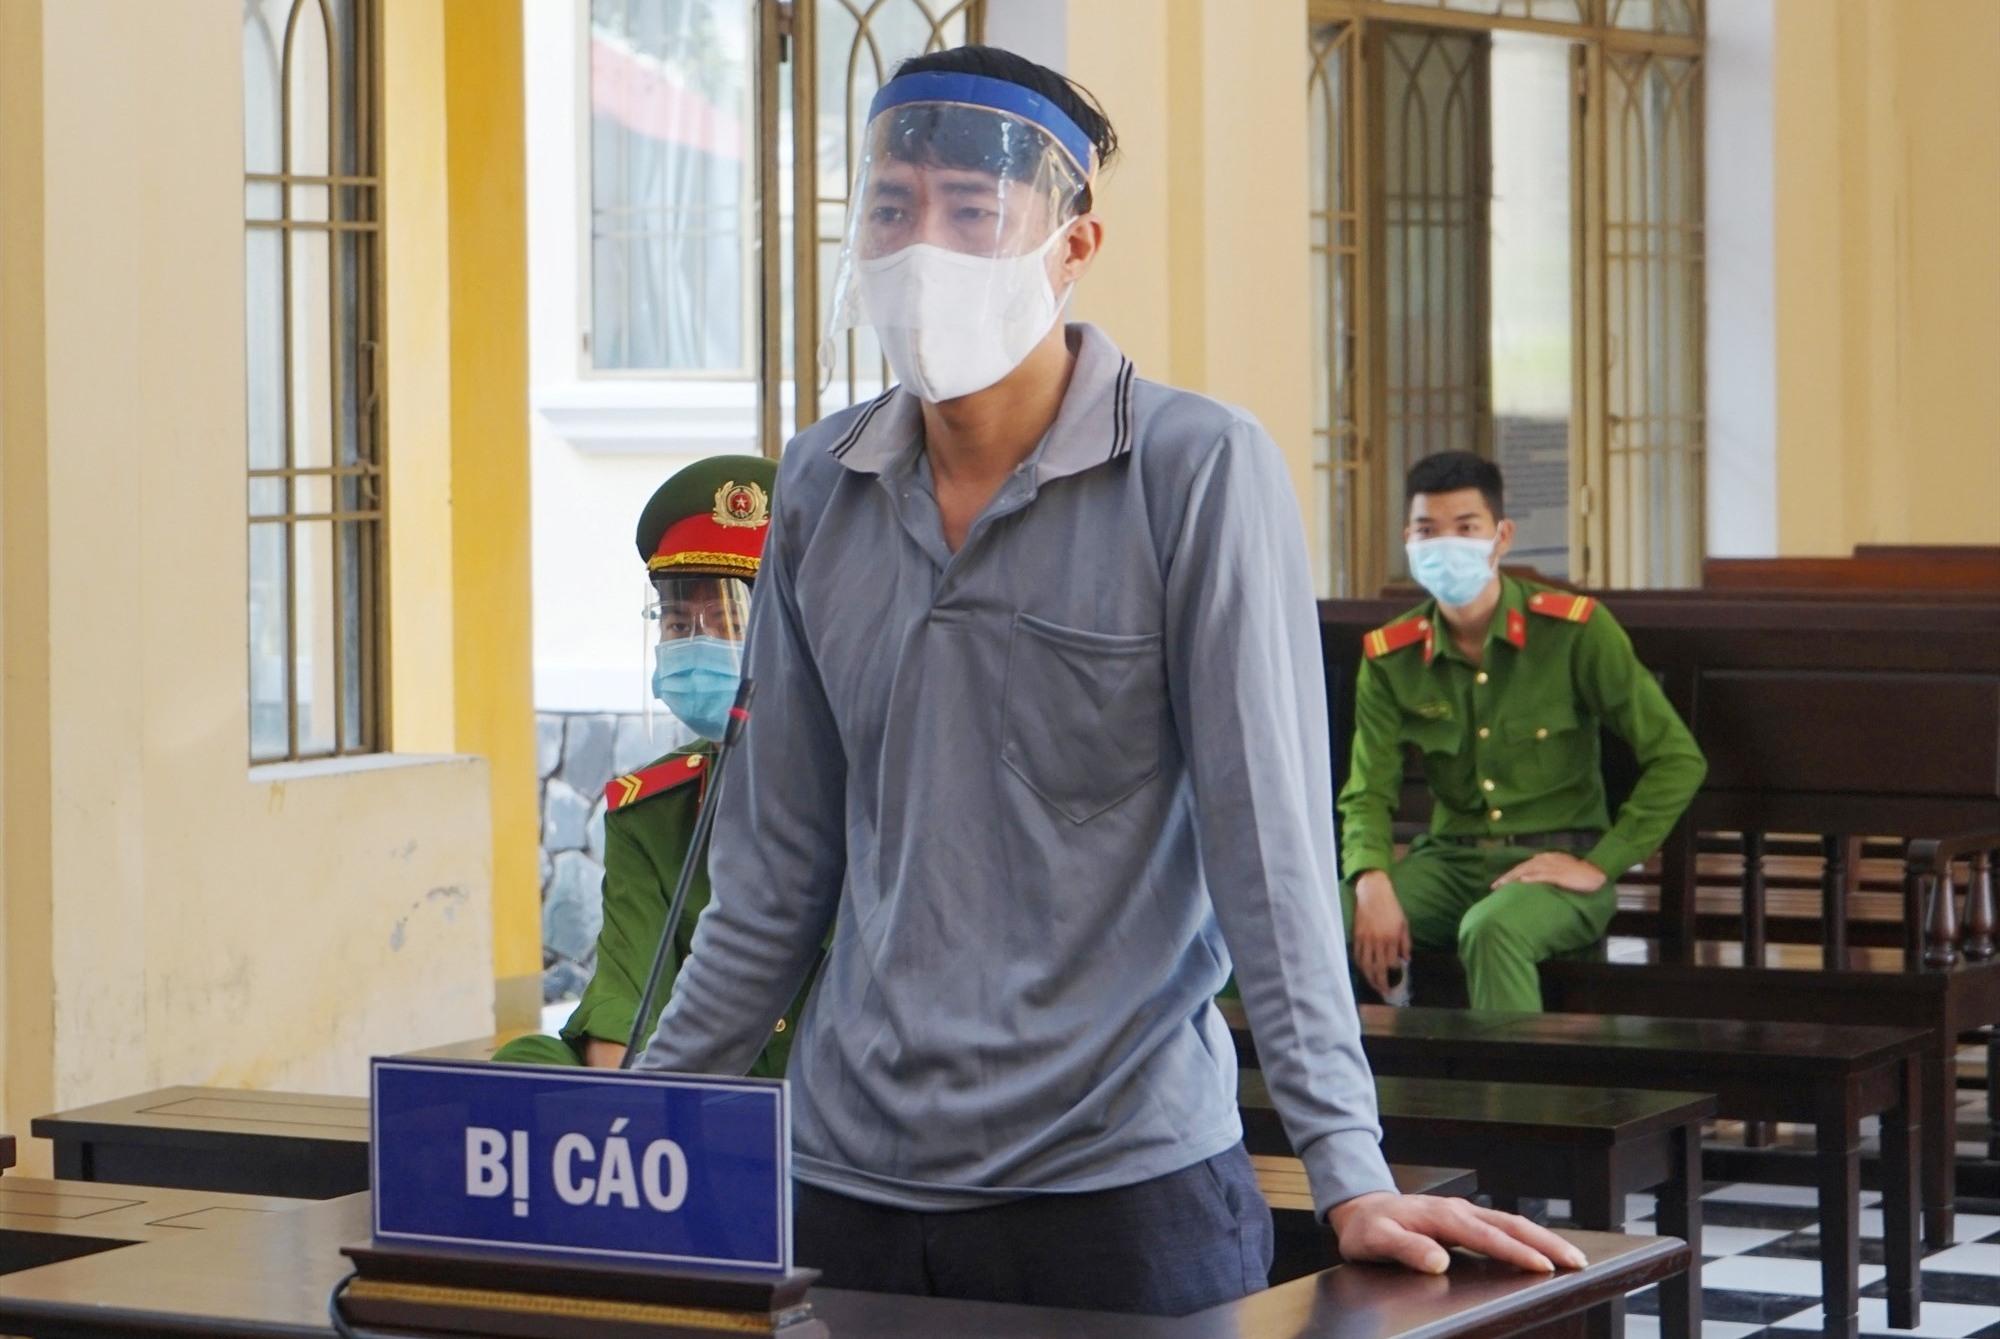 Bị cáo Nguyễn Thanh Xuân tại phiên tòa. Ảnh. P.L.